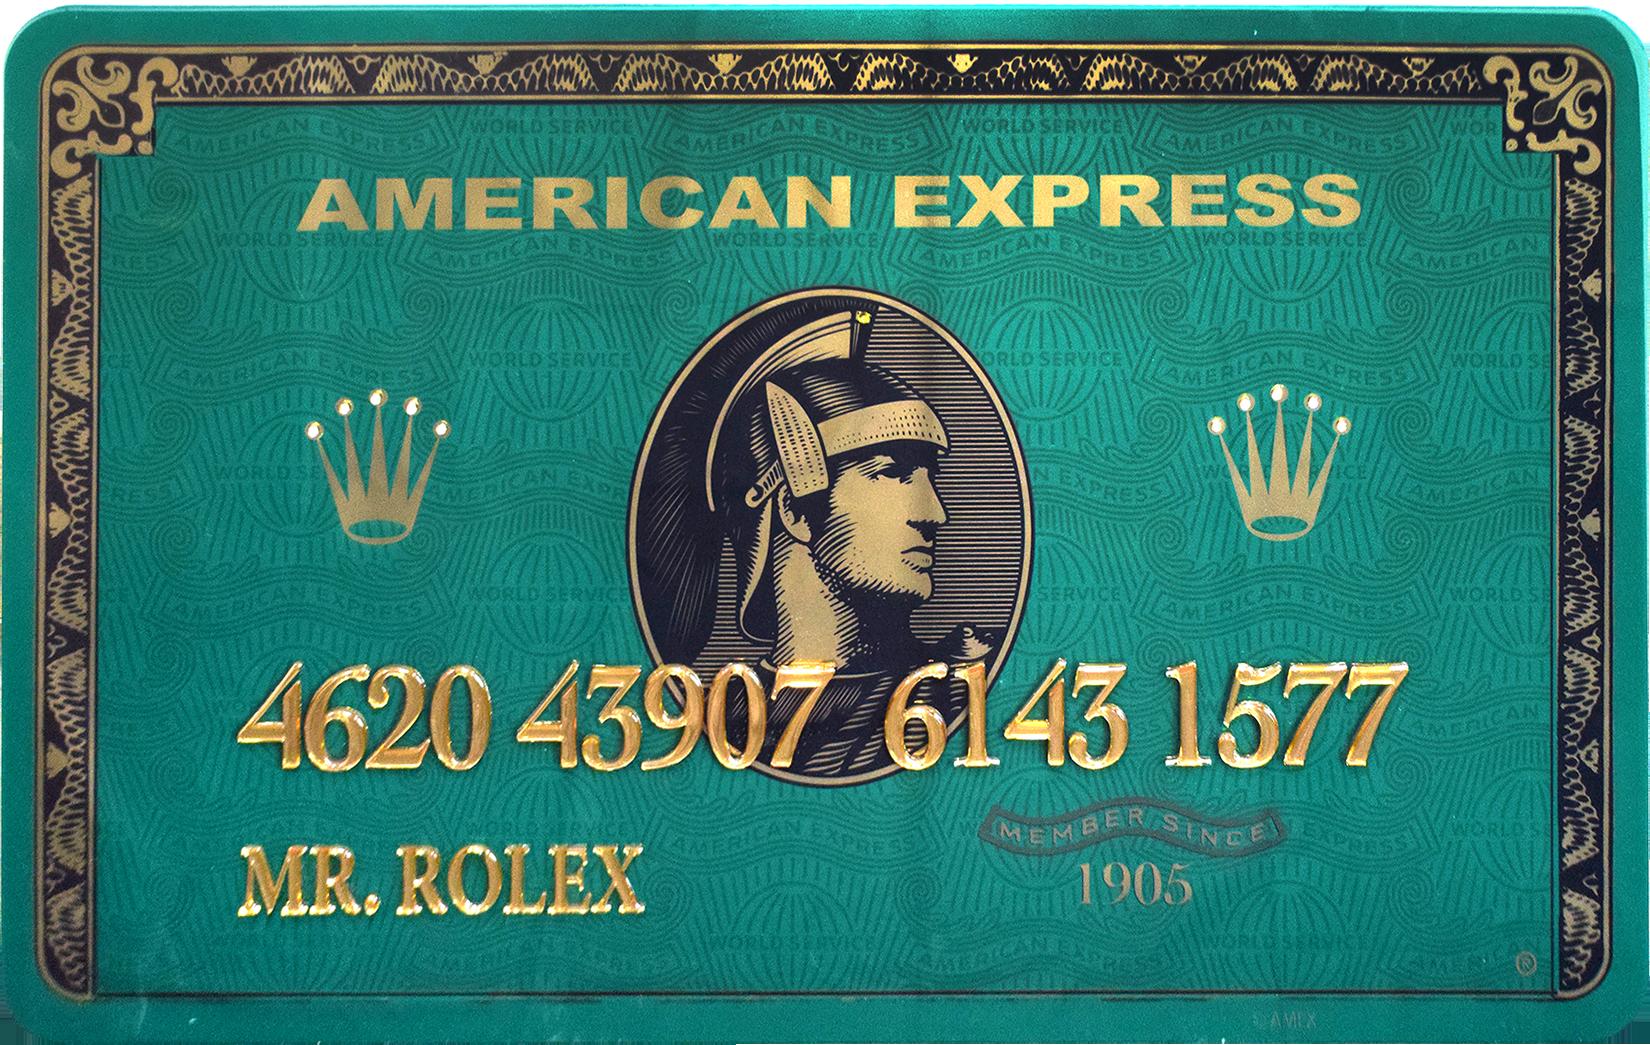 Diederik - AMEX (Mr. Rolex) , 4504-016-300